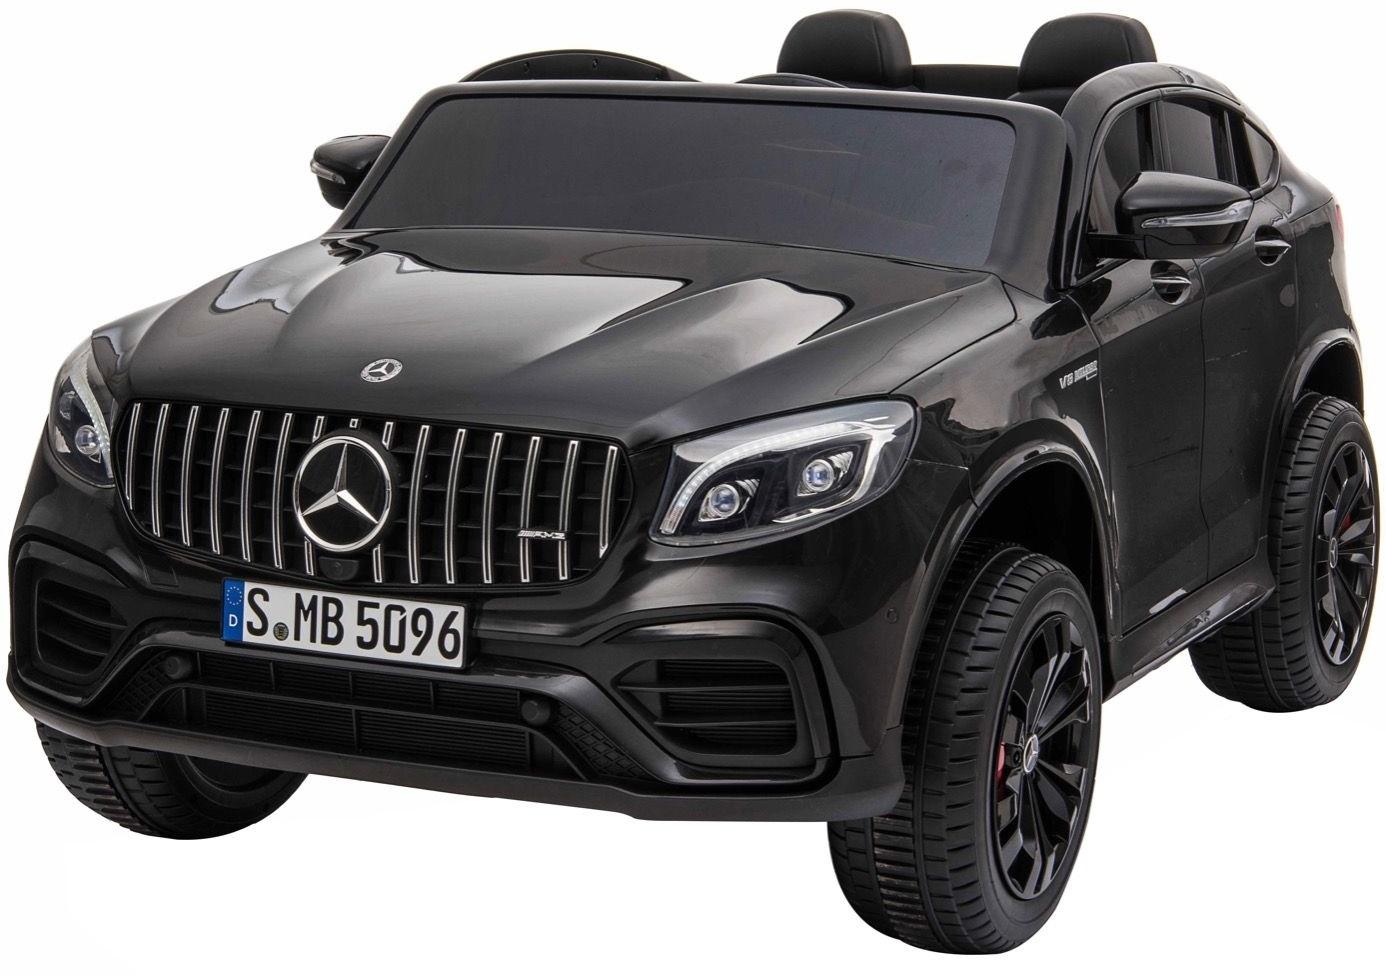 Masinuta electrica 4x4 Premier Mercedes GLC 63S Maxi, 12V, roti cauciuc EVA, scaun piele ecologica, negru